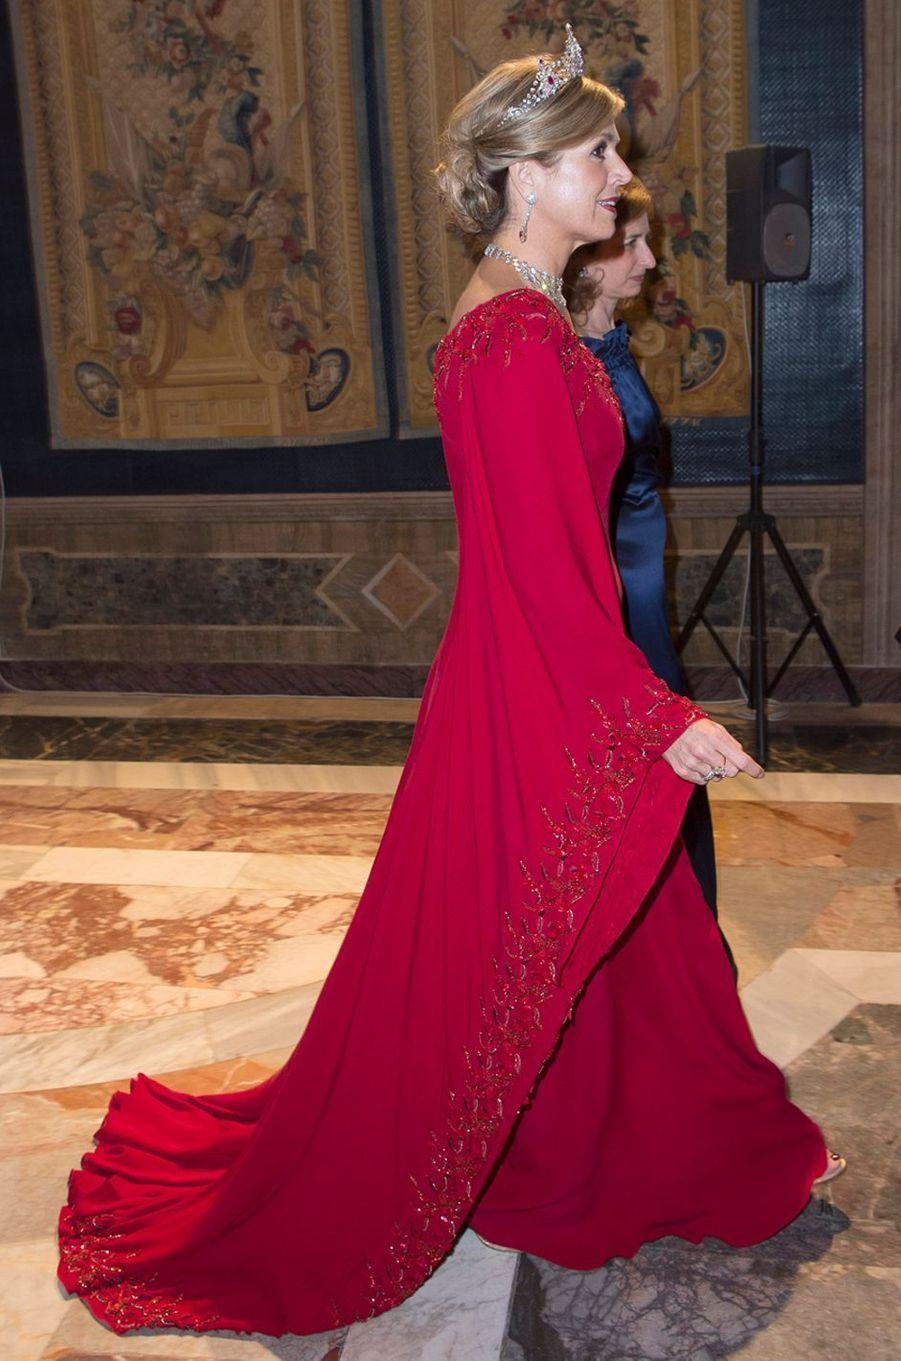 La reine Maxima des Pays-Bas à Rome, le 20 juin 2017